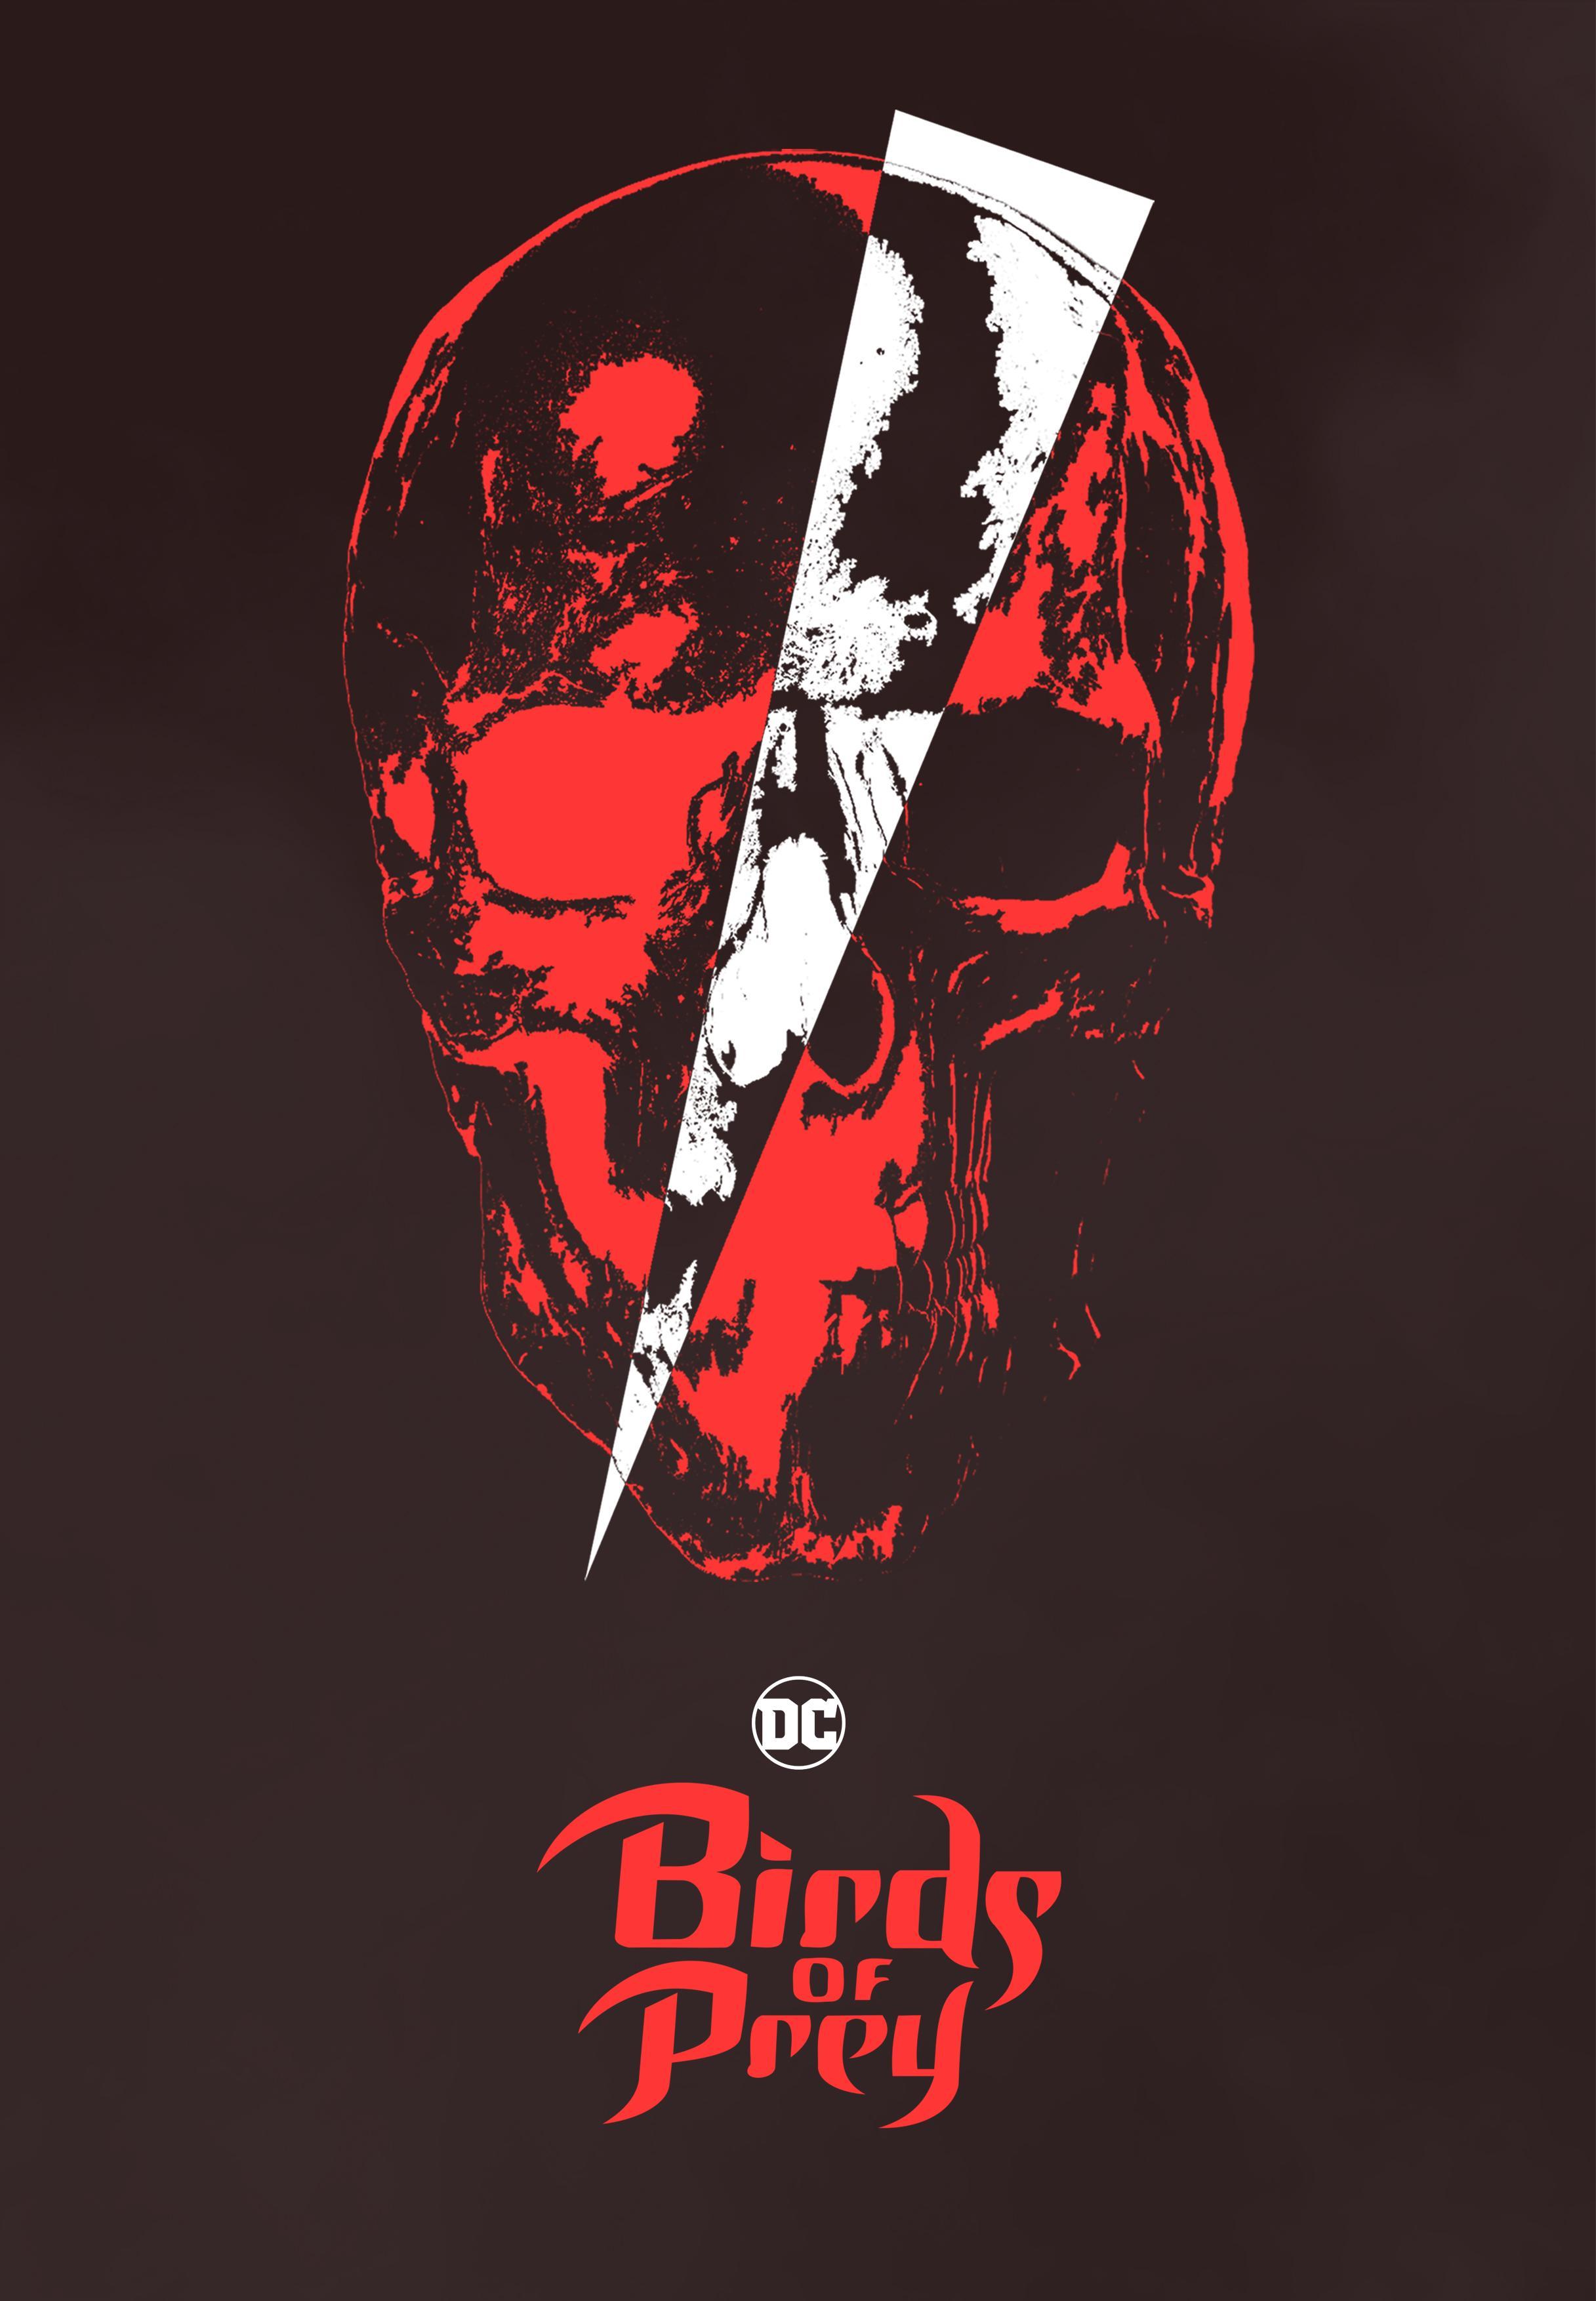 birdOfPrey1.jpg